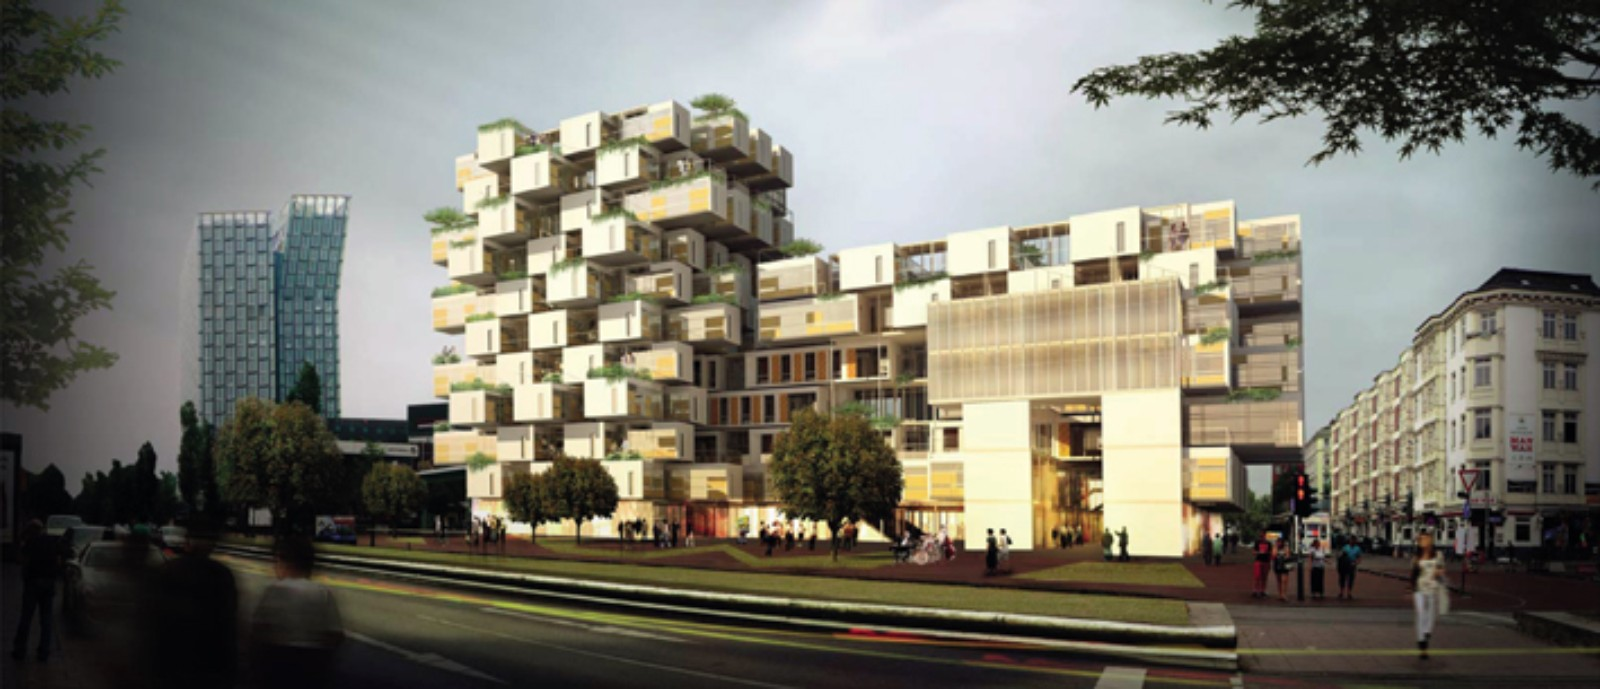 Hamburg Hybrid Housing